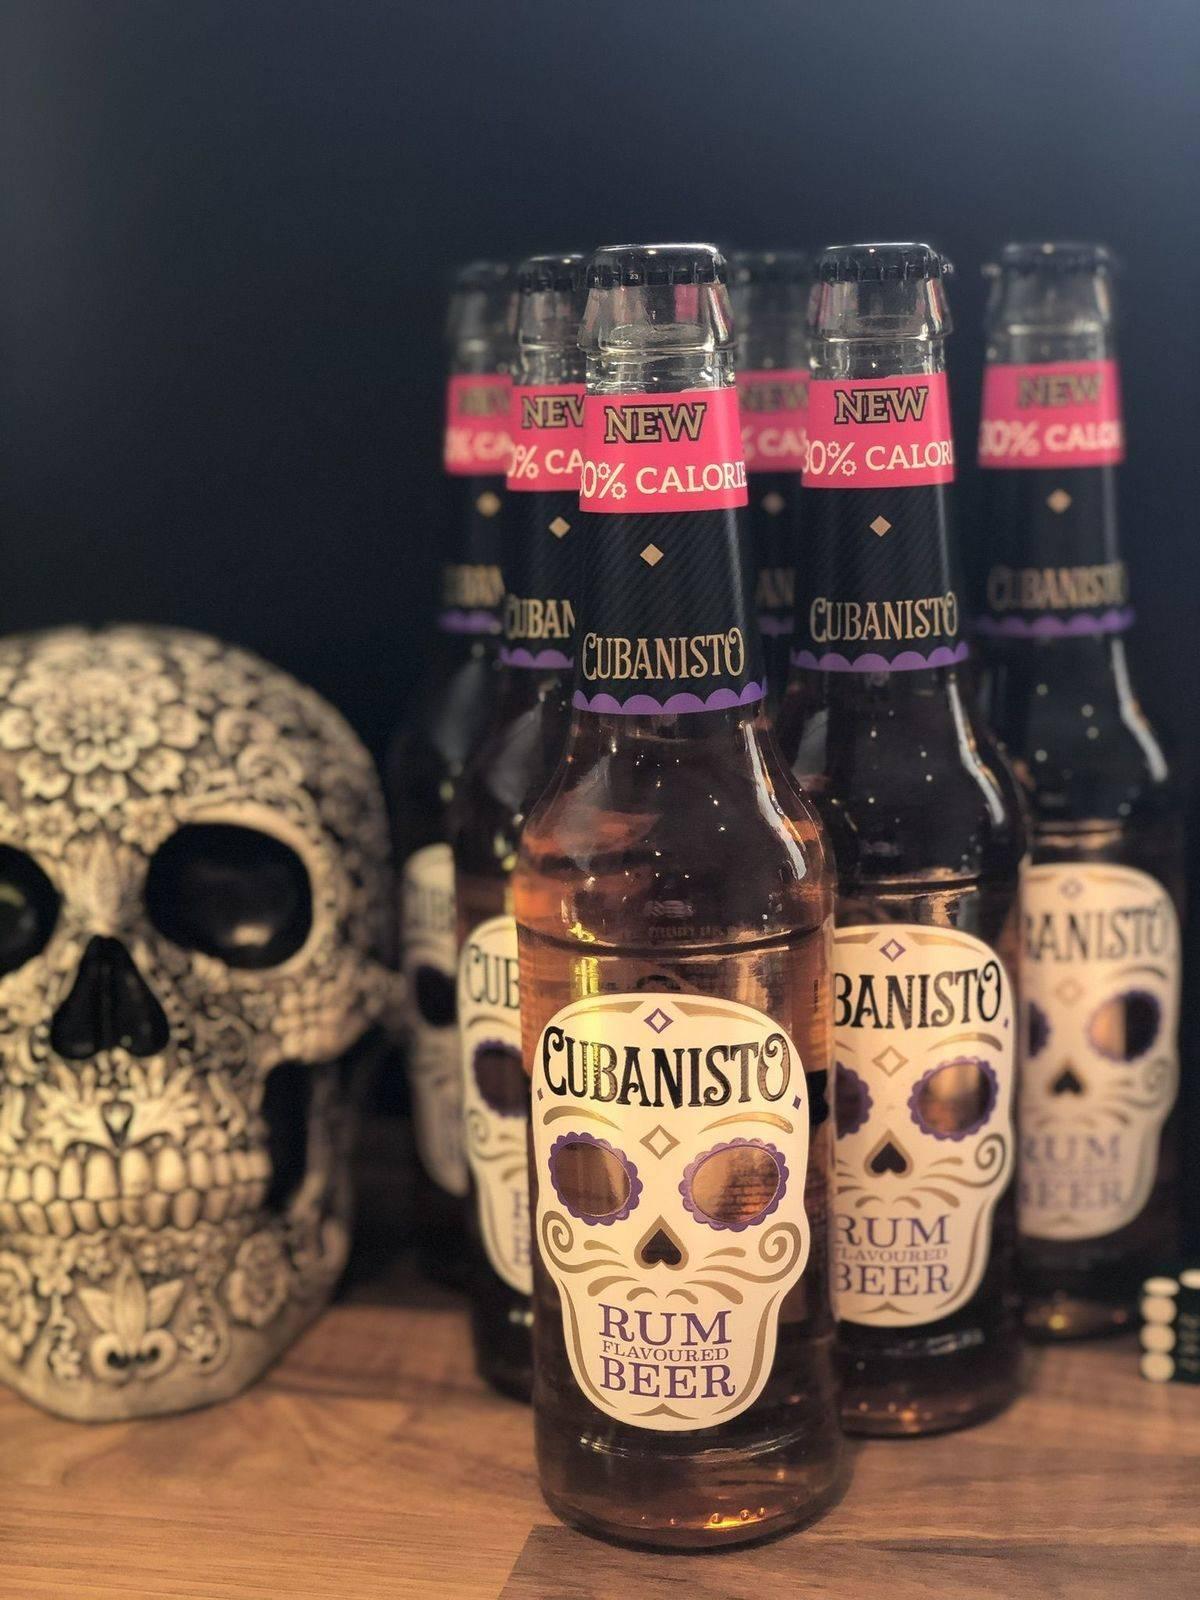 Cubanisto Rum Beer 5.8% (330ml)